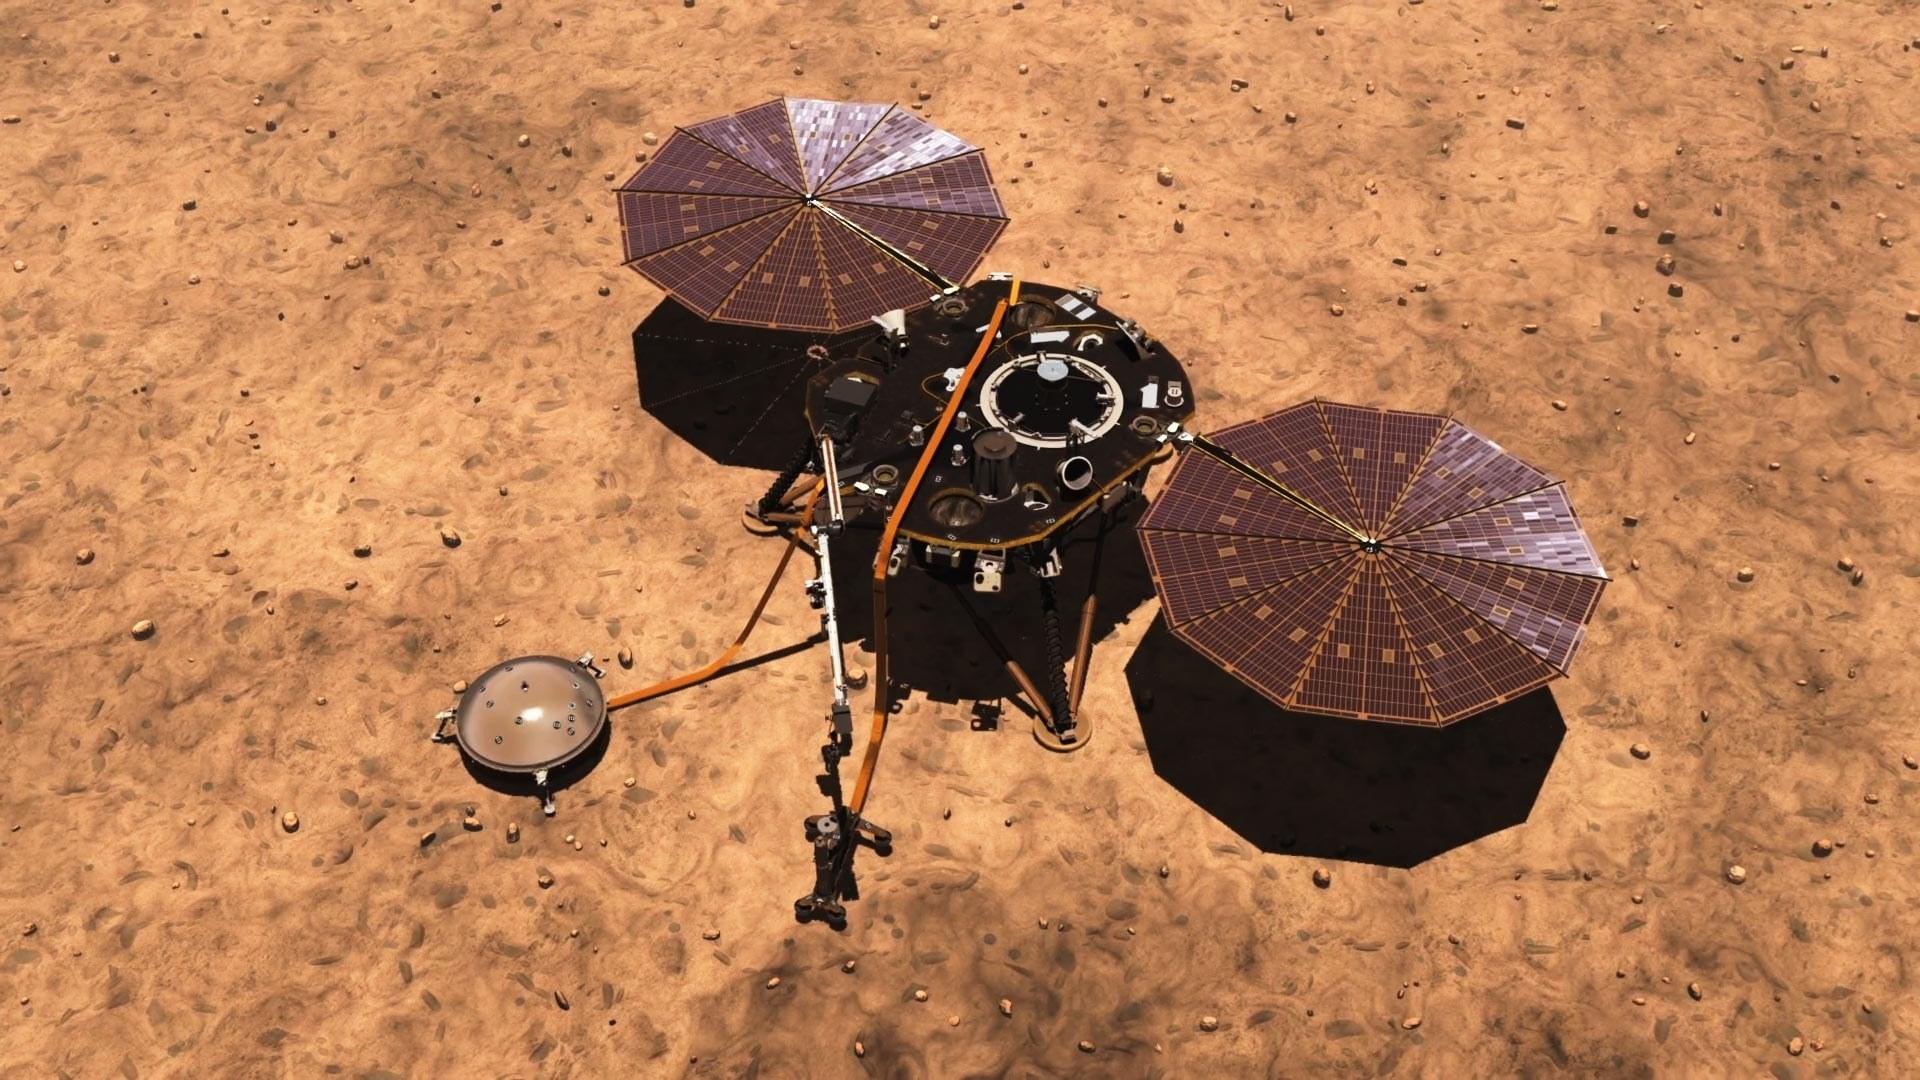 Марсианский ветер почистил солнечные панели зонда InSight - 1